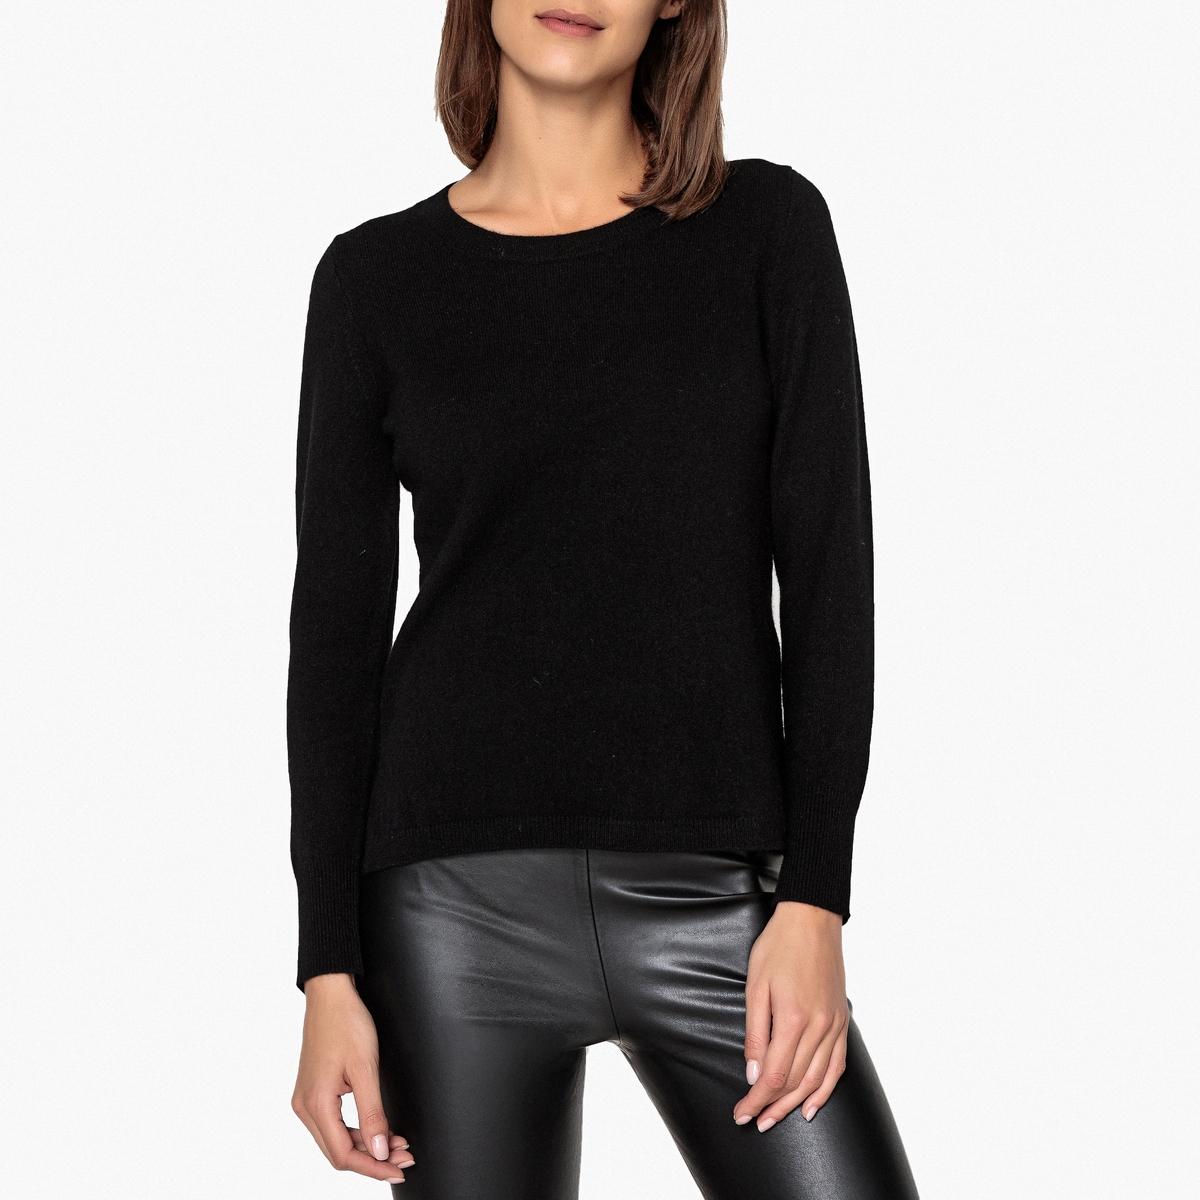 Пуловер из кашемира с круглым вырезом женский пуловер brand new 2015